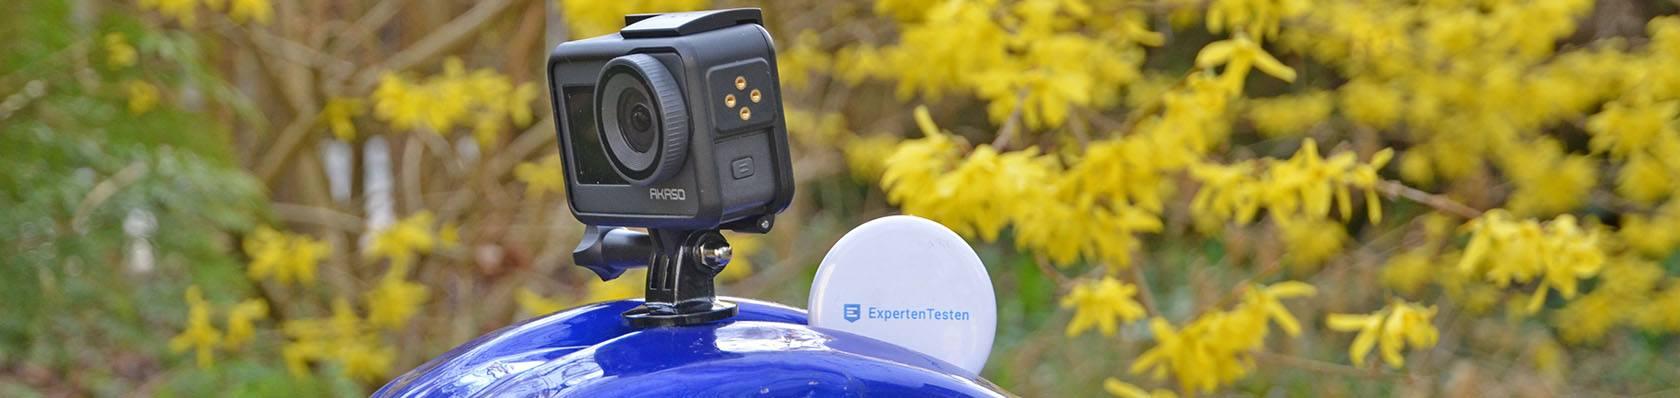 Action Cams im Test auf ExpertenTesten.de